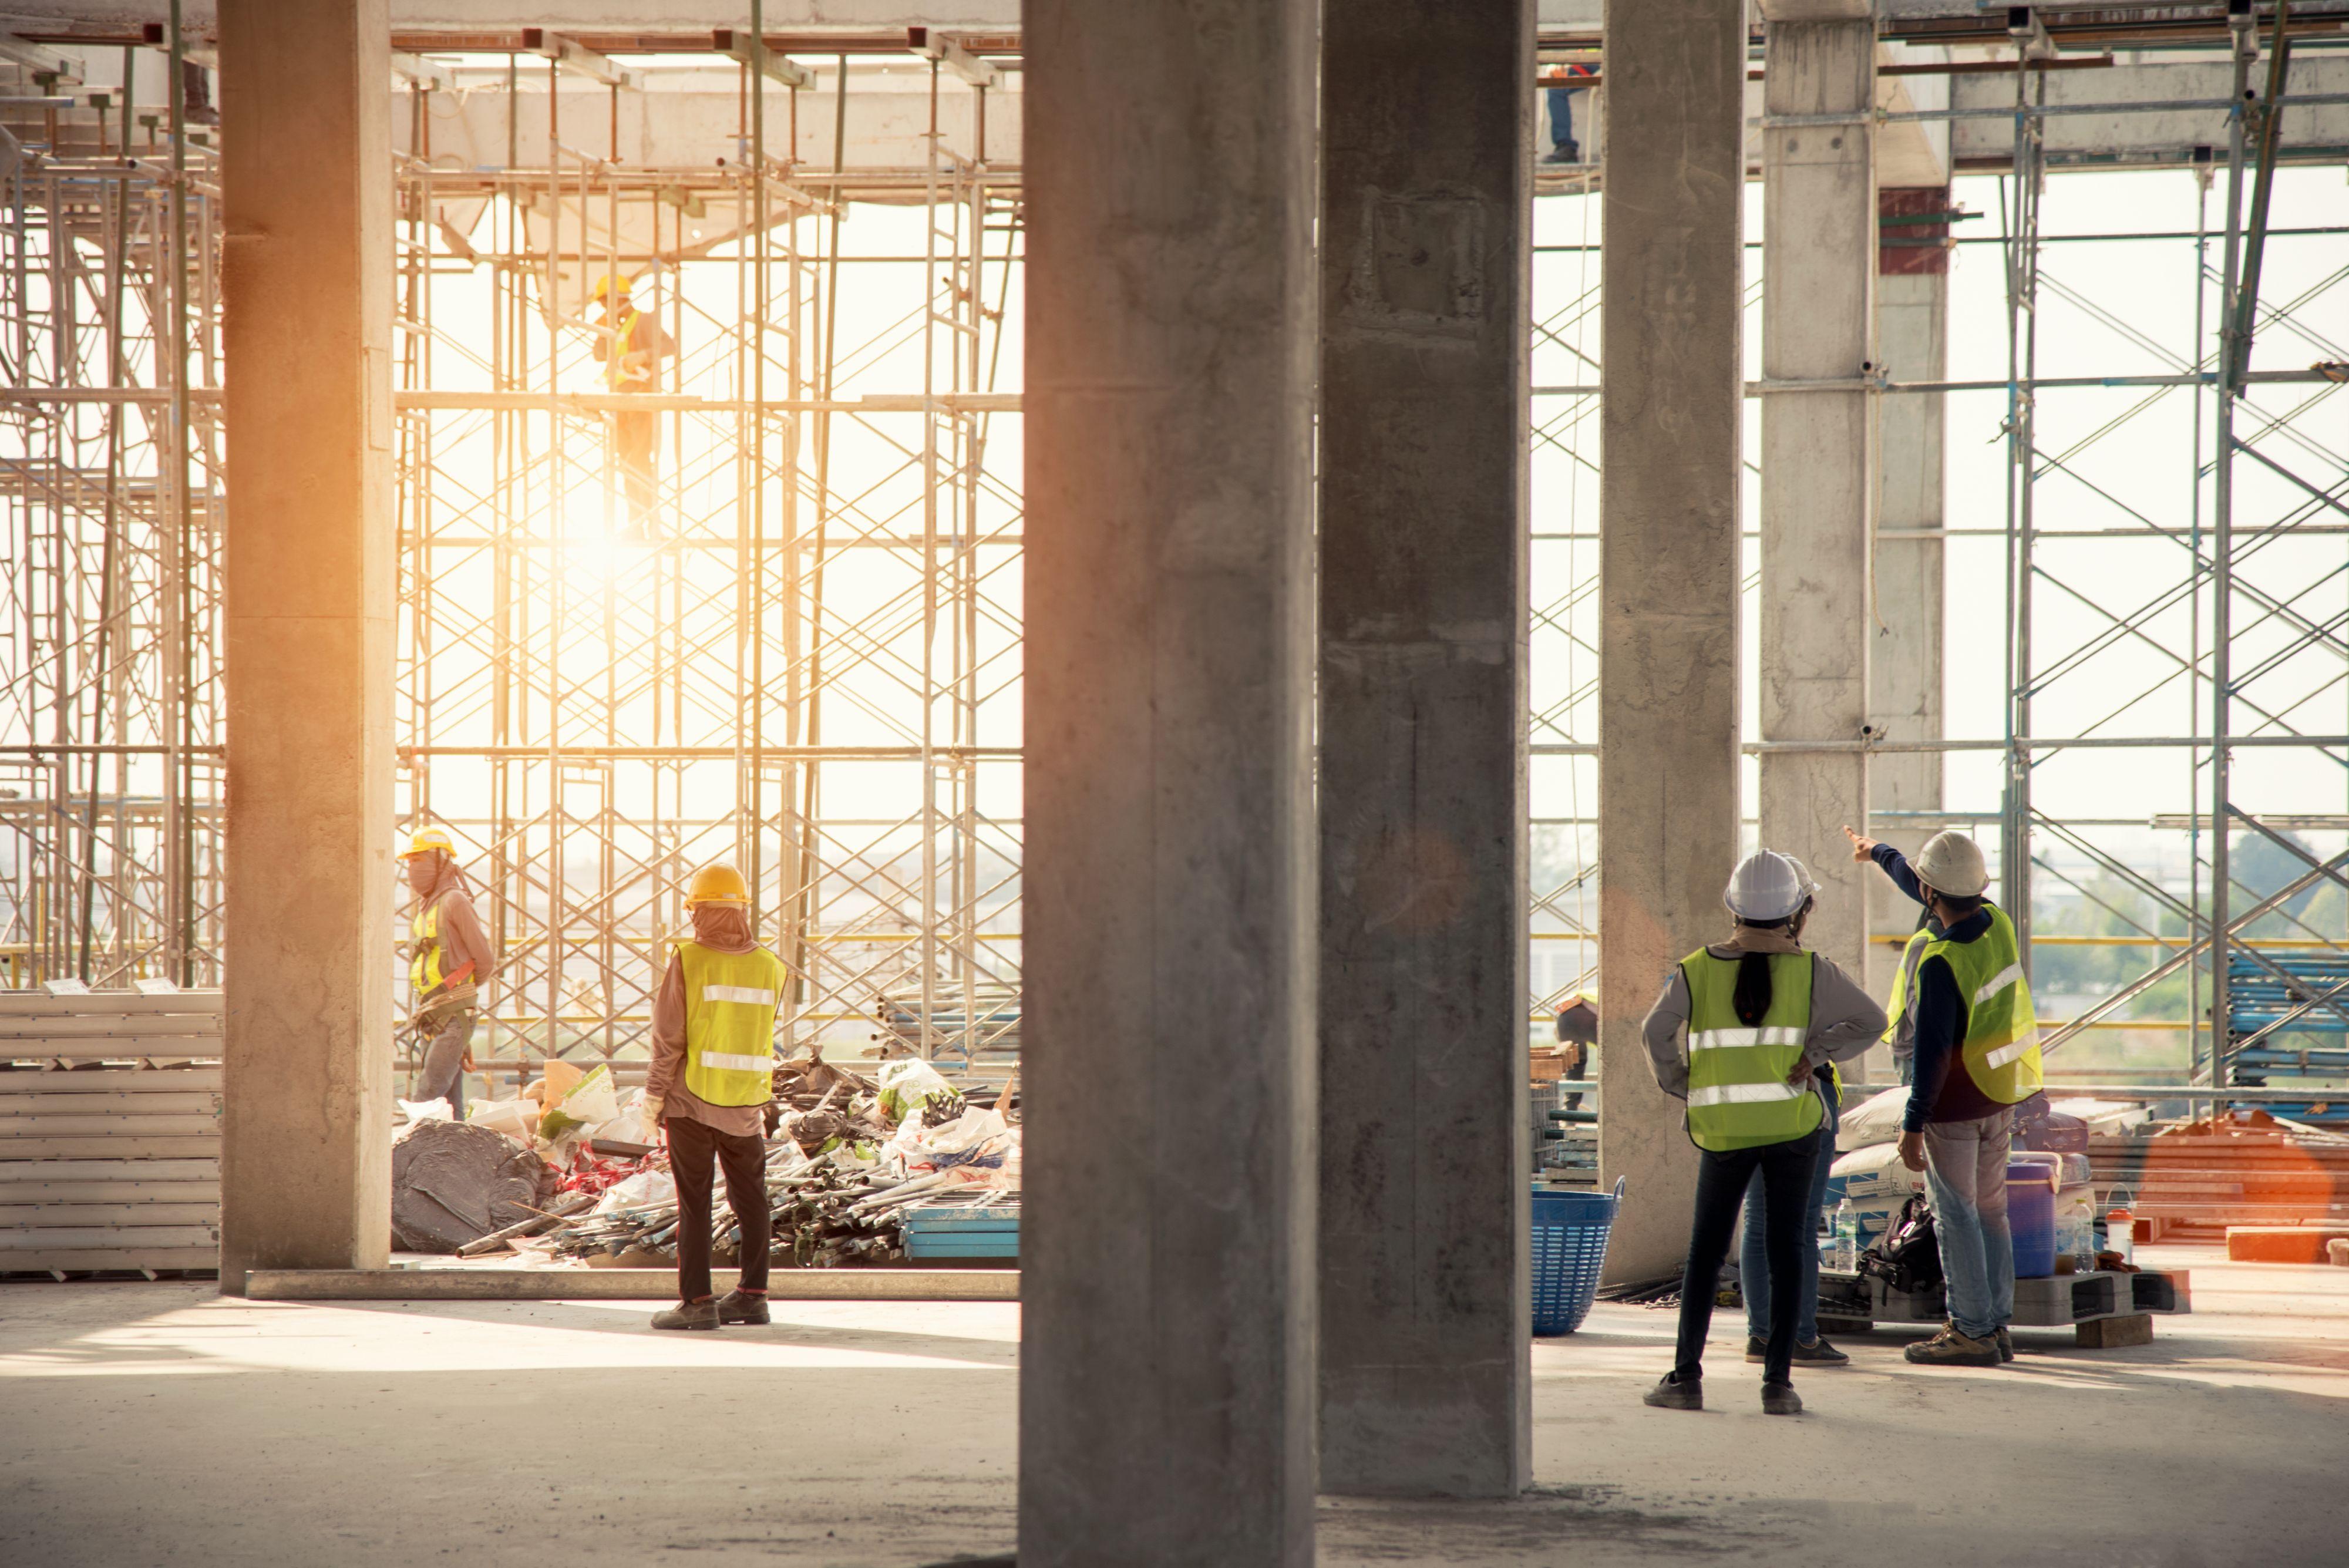 Pracownicy są przekonani o tym, że praca fizyczna w kluczowych obecnie dla rynku zawodach przeszła ewolucję (Fot. Shutterstock)